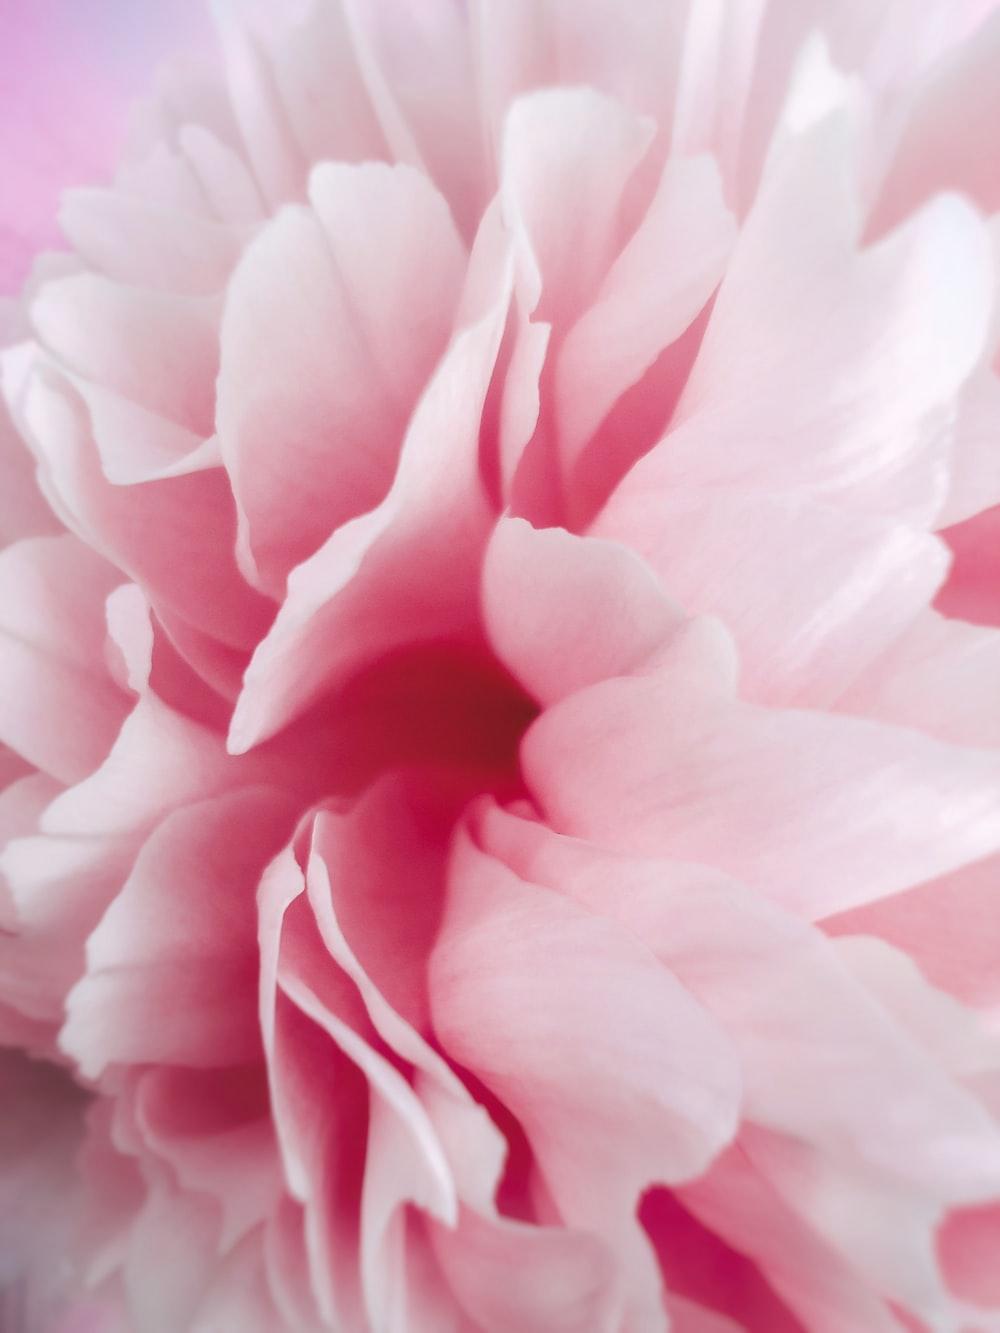 pink flower in macro shot